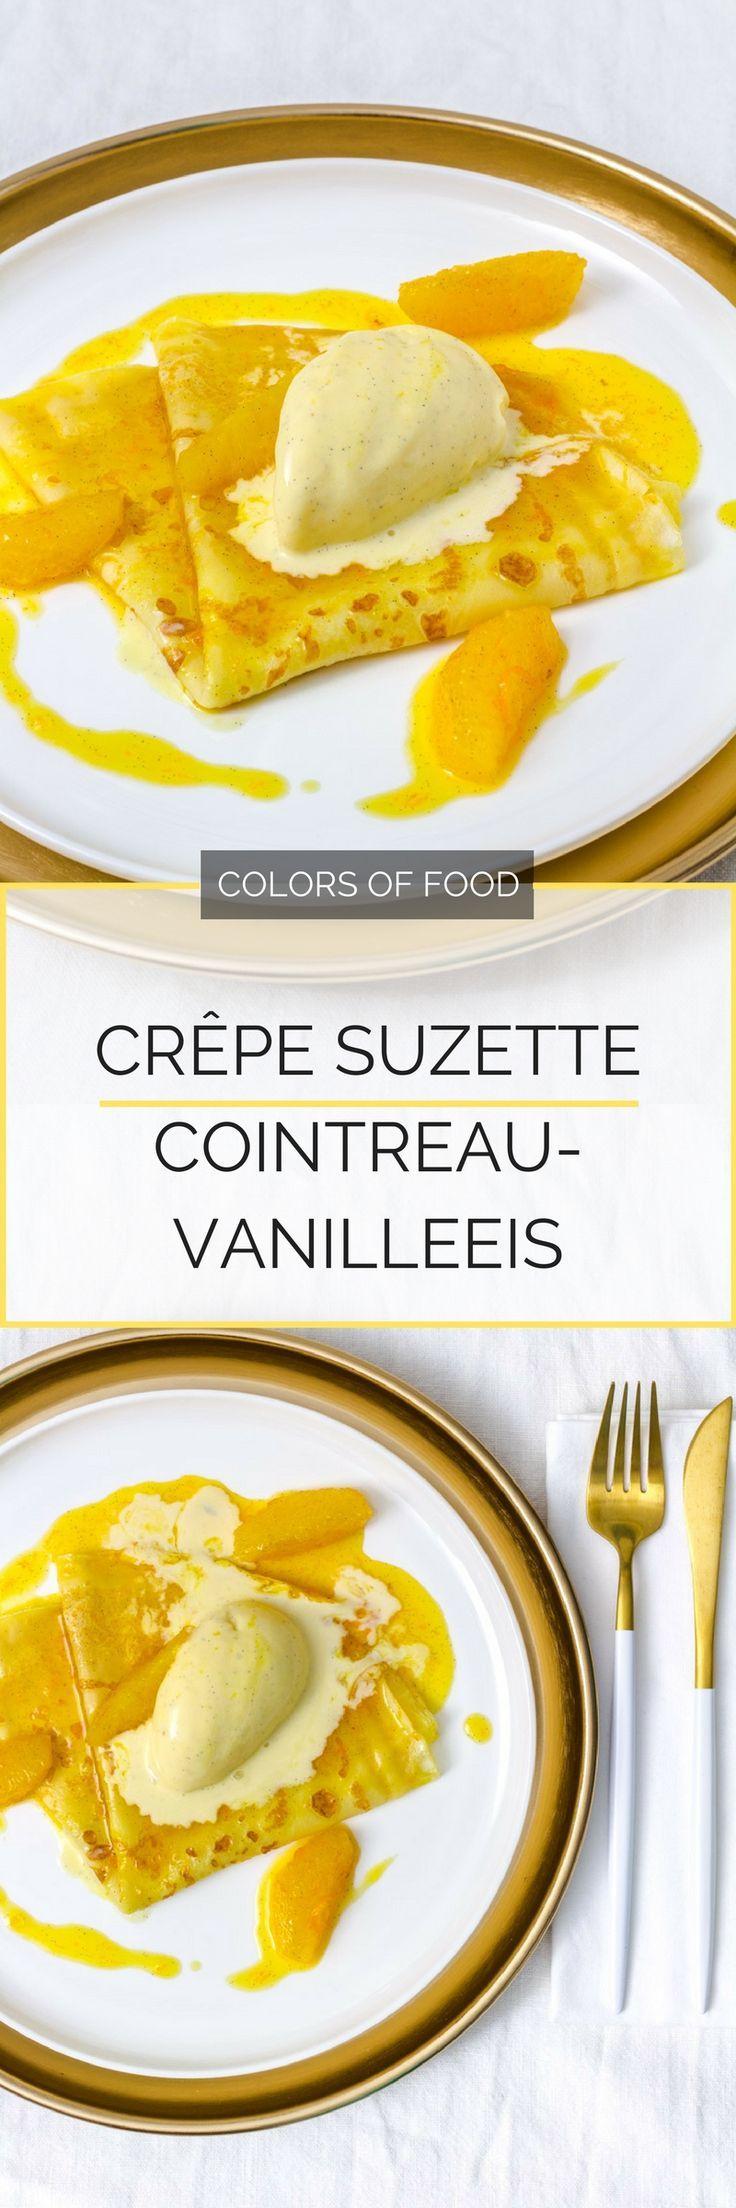 Hier findest du das Rezept für einen absoluten Dessert-Klassiker der französischen Küche. Crêpe Suzette. Hauchdünner Pfannkuchen in Orangensauce.